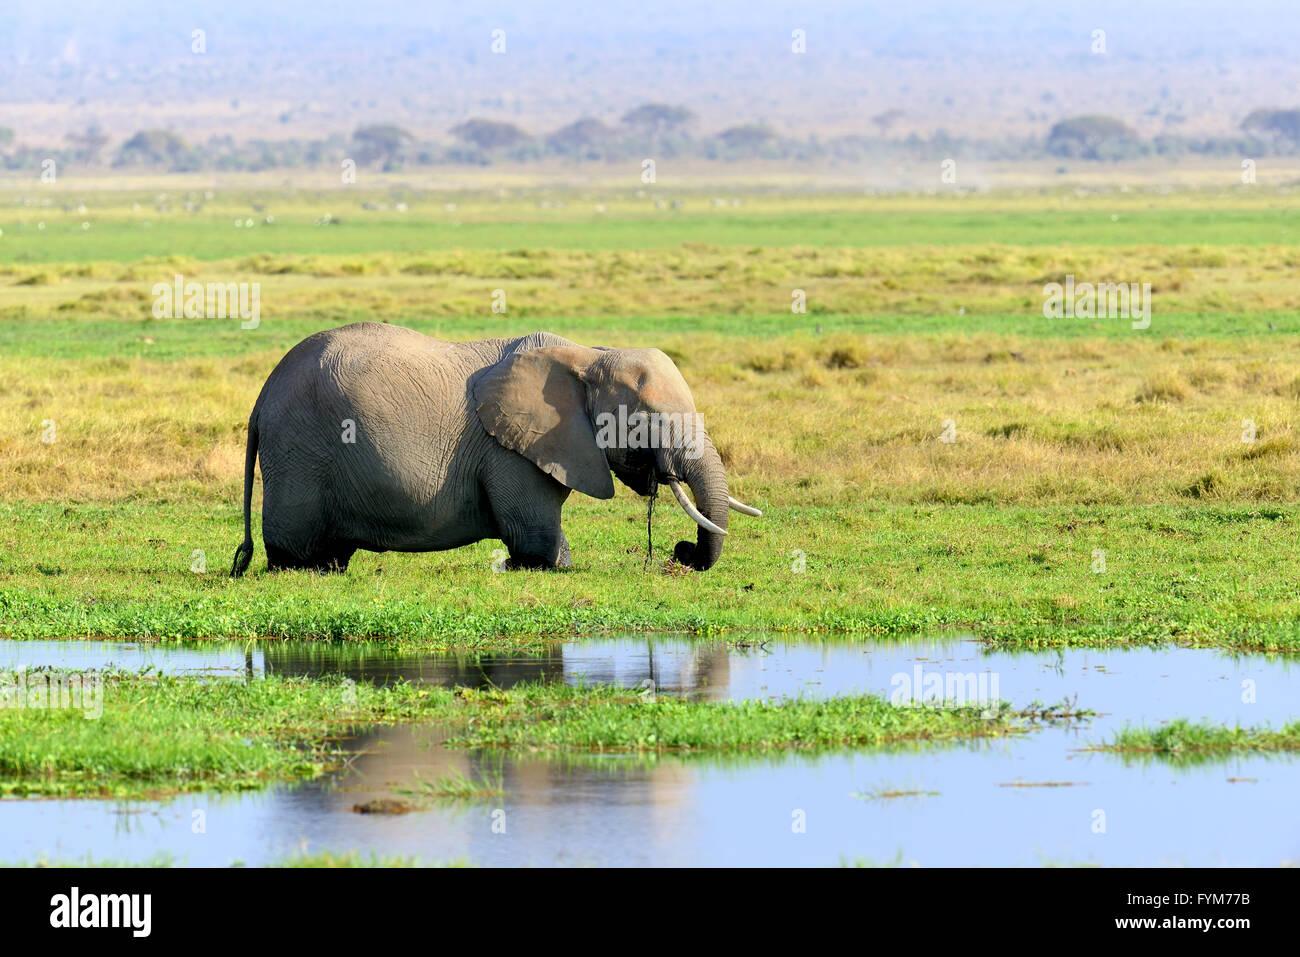 Dans l'éléphant, parc national du Kenya, Afrique Photo Stock